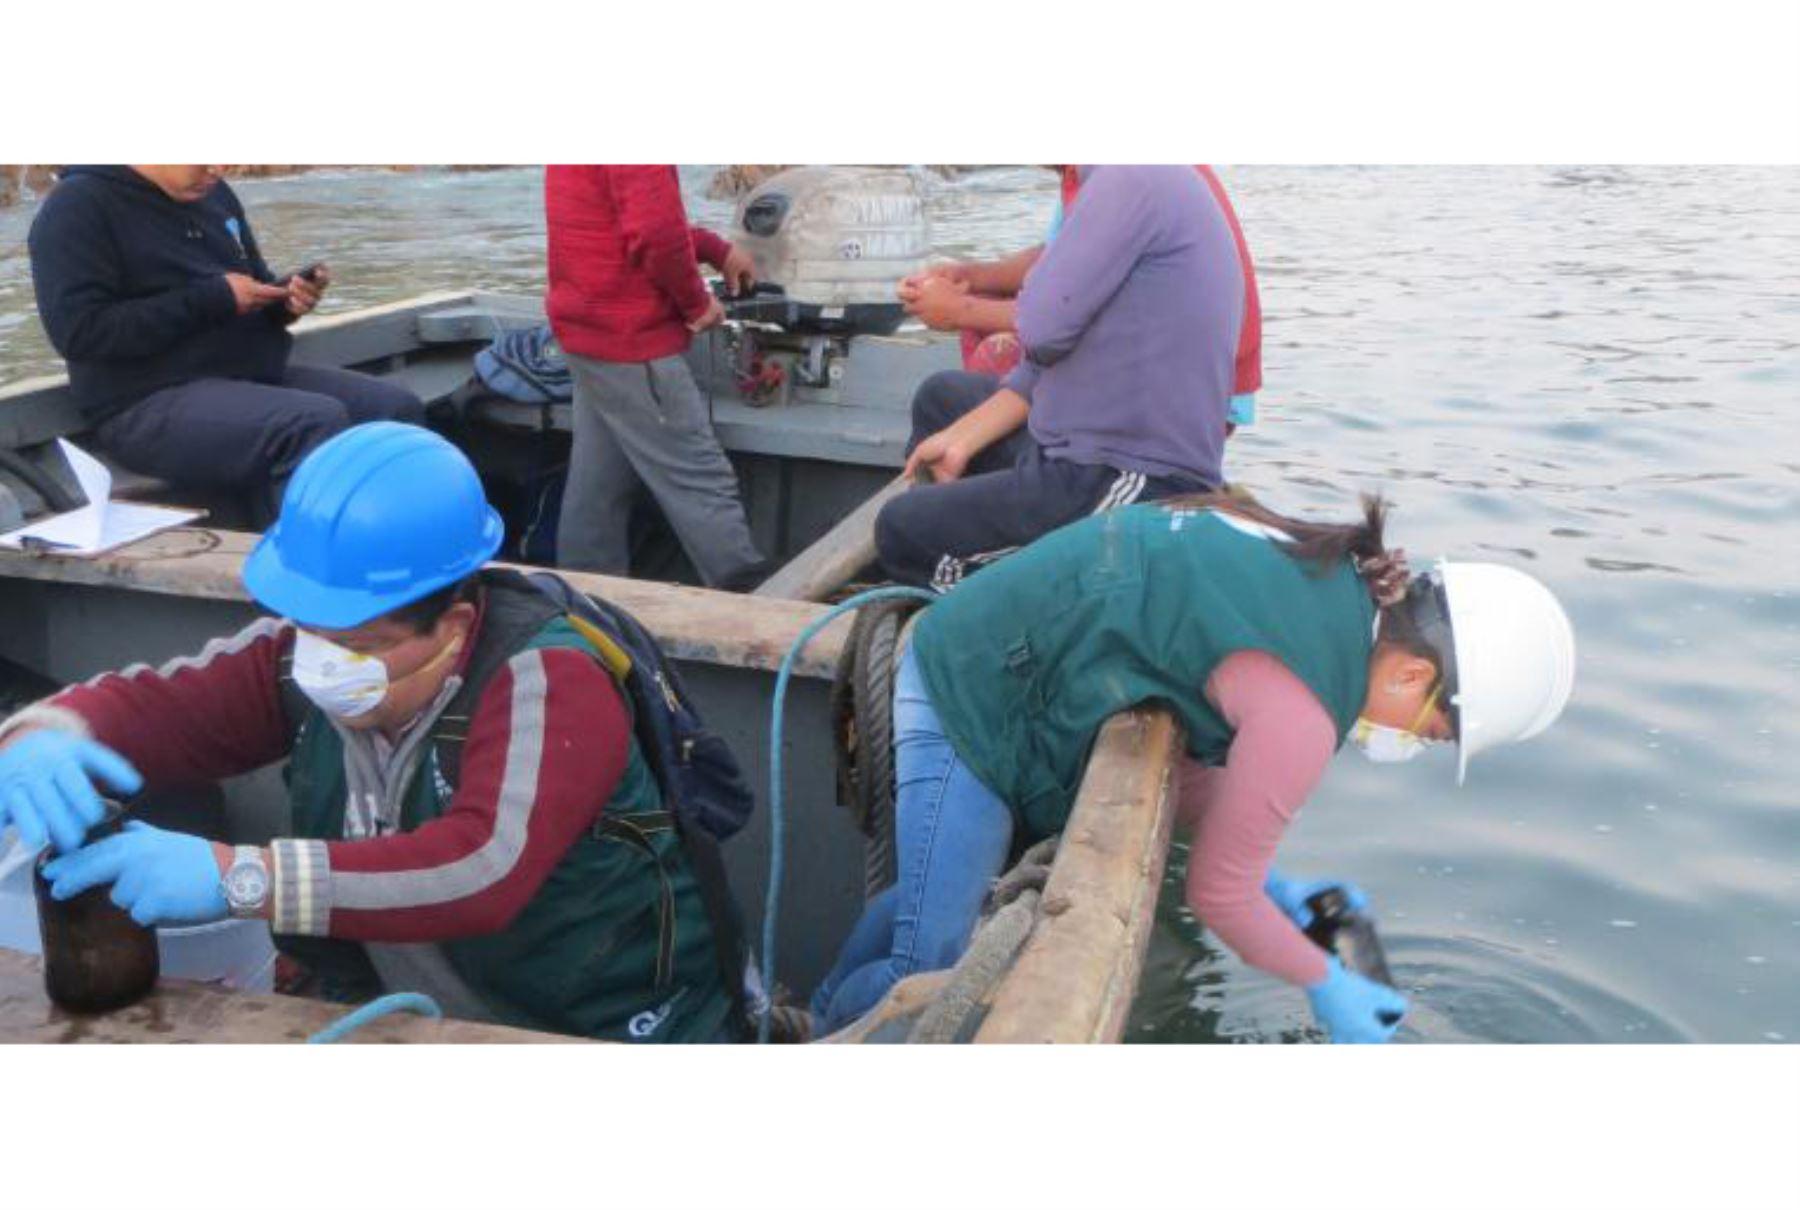 La Fiscalía de Prevención del Delito competente en Materia Ambiental de Ica realizó un operativo en el mar frente a Pisco para constatar el presunto delito de contaminación ambiental por derrame de petróleo, ante la denuncia pública realizada por un ciudadano a través de un medio de comunicación.